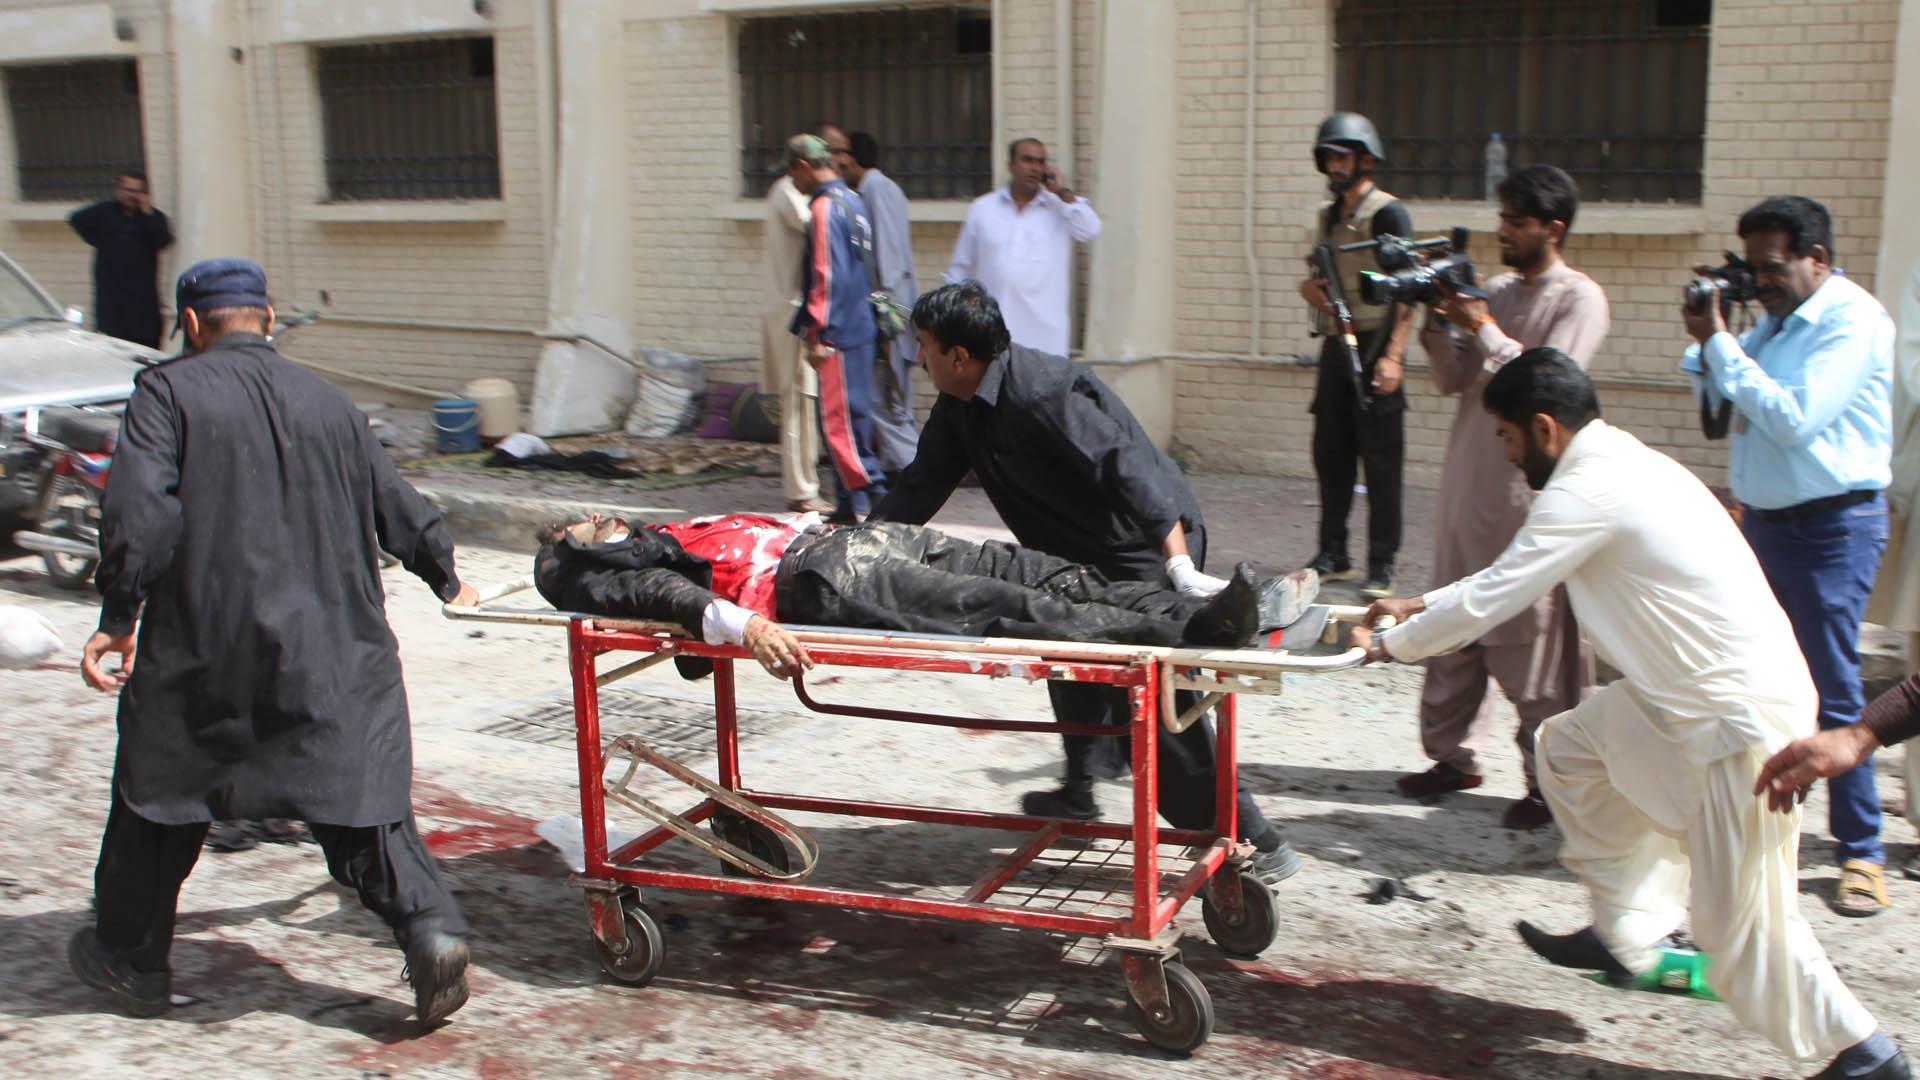 La milicia terrorista Estado Islámico se adjudico la autoría del hecho en el fallecieron 70 personas y 200 permanecen heridas en estado de gravedad